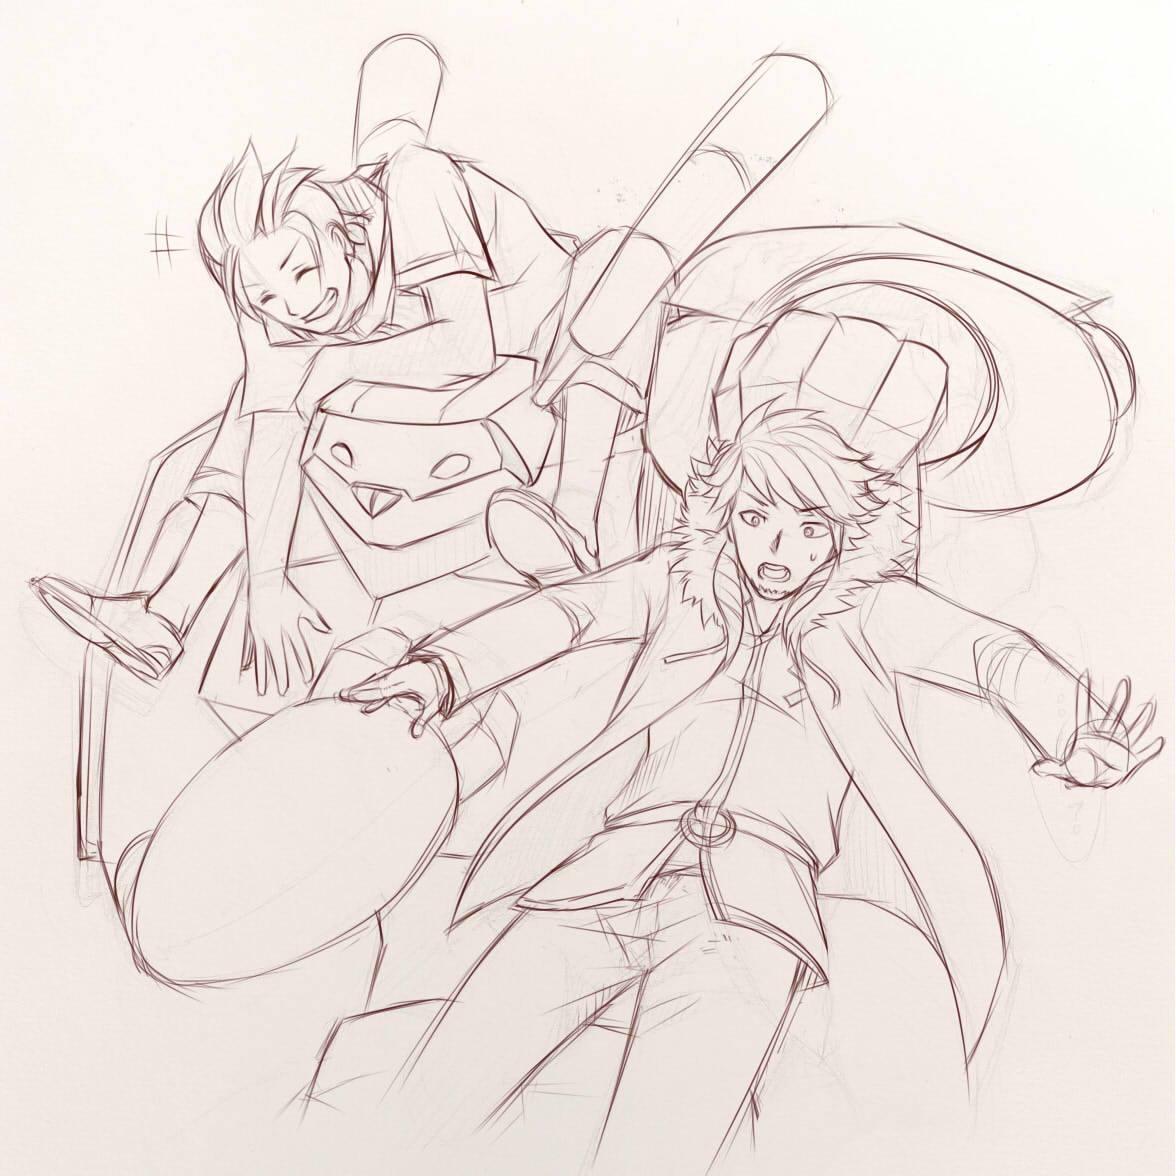 Pencil rough sketch by Kei Seki.